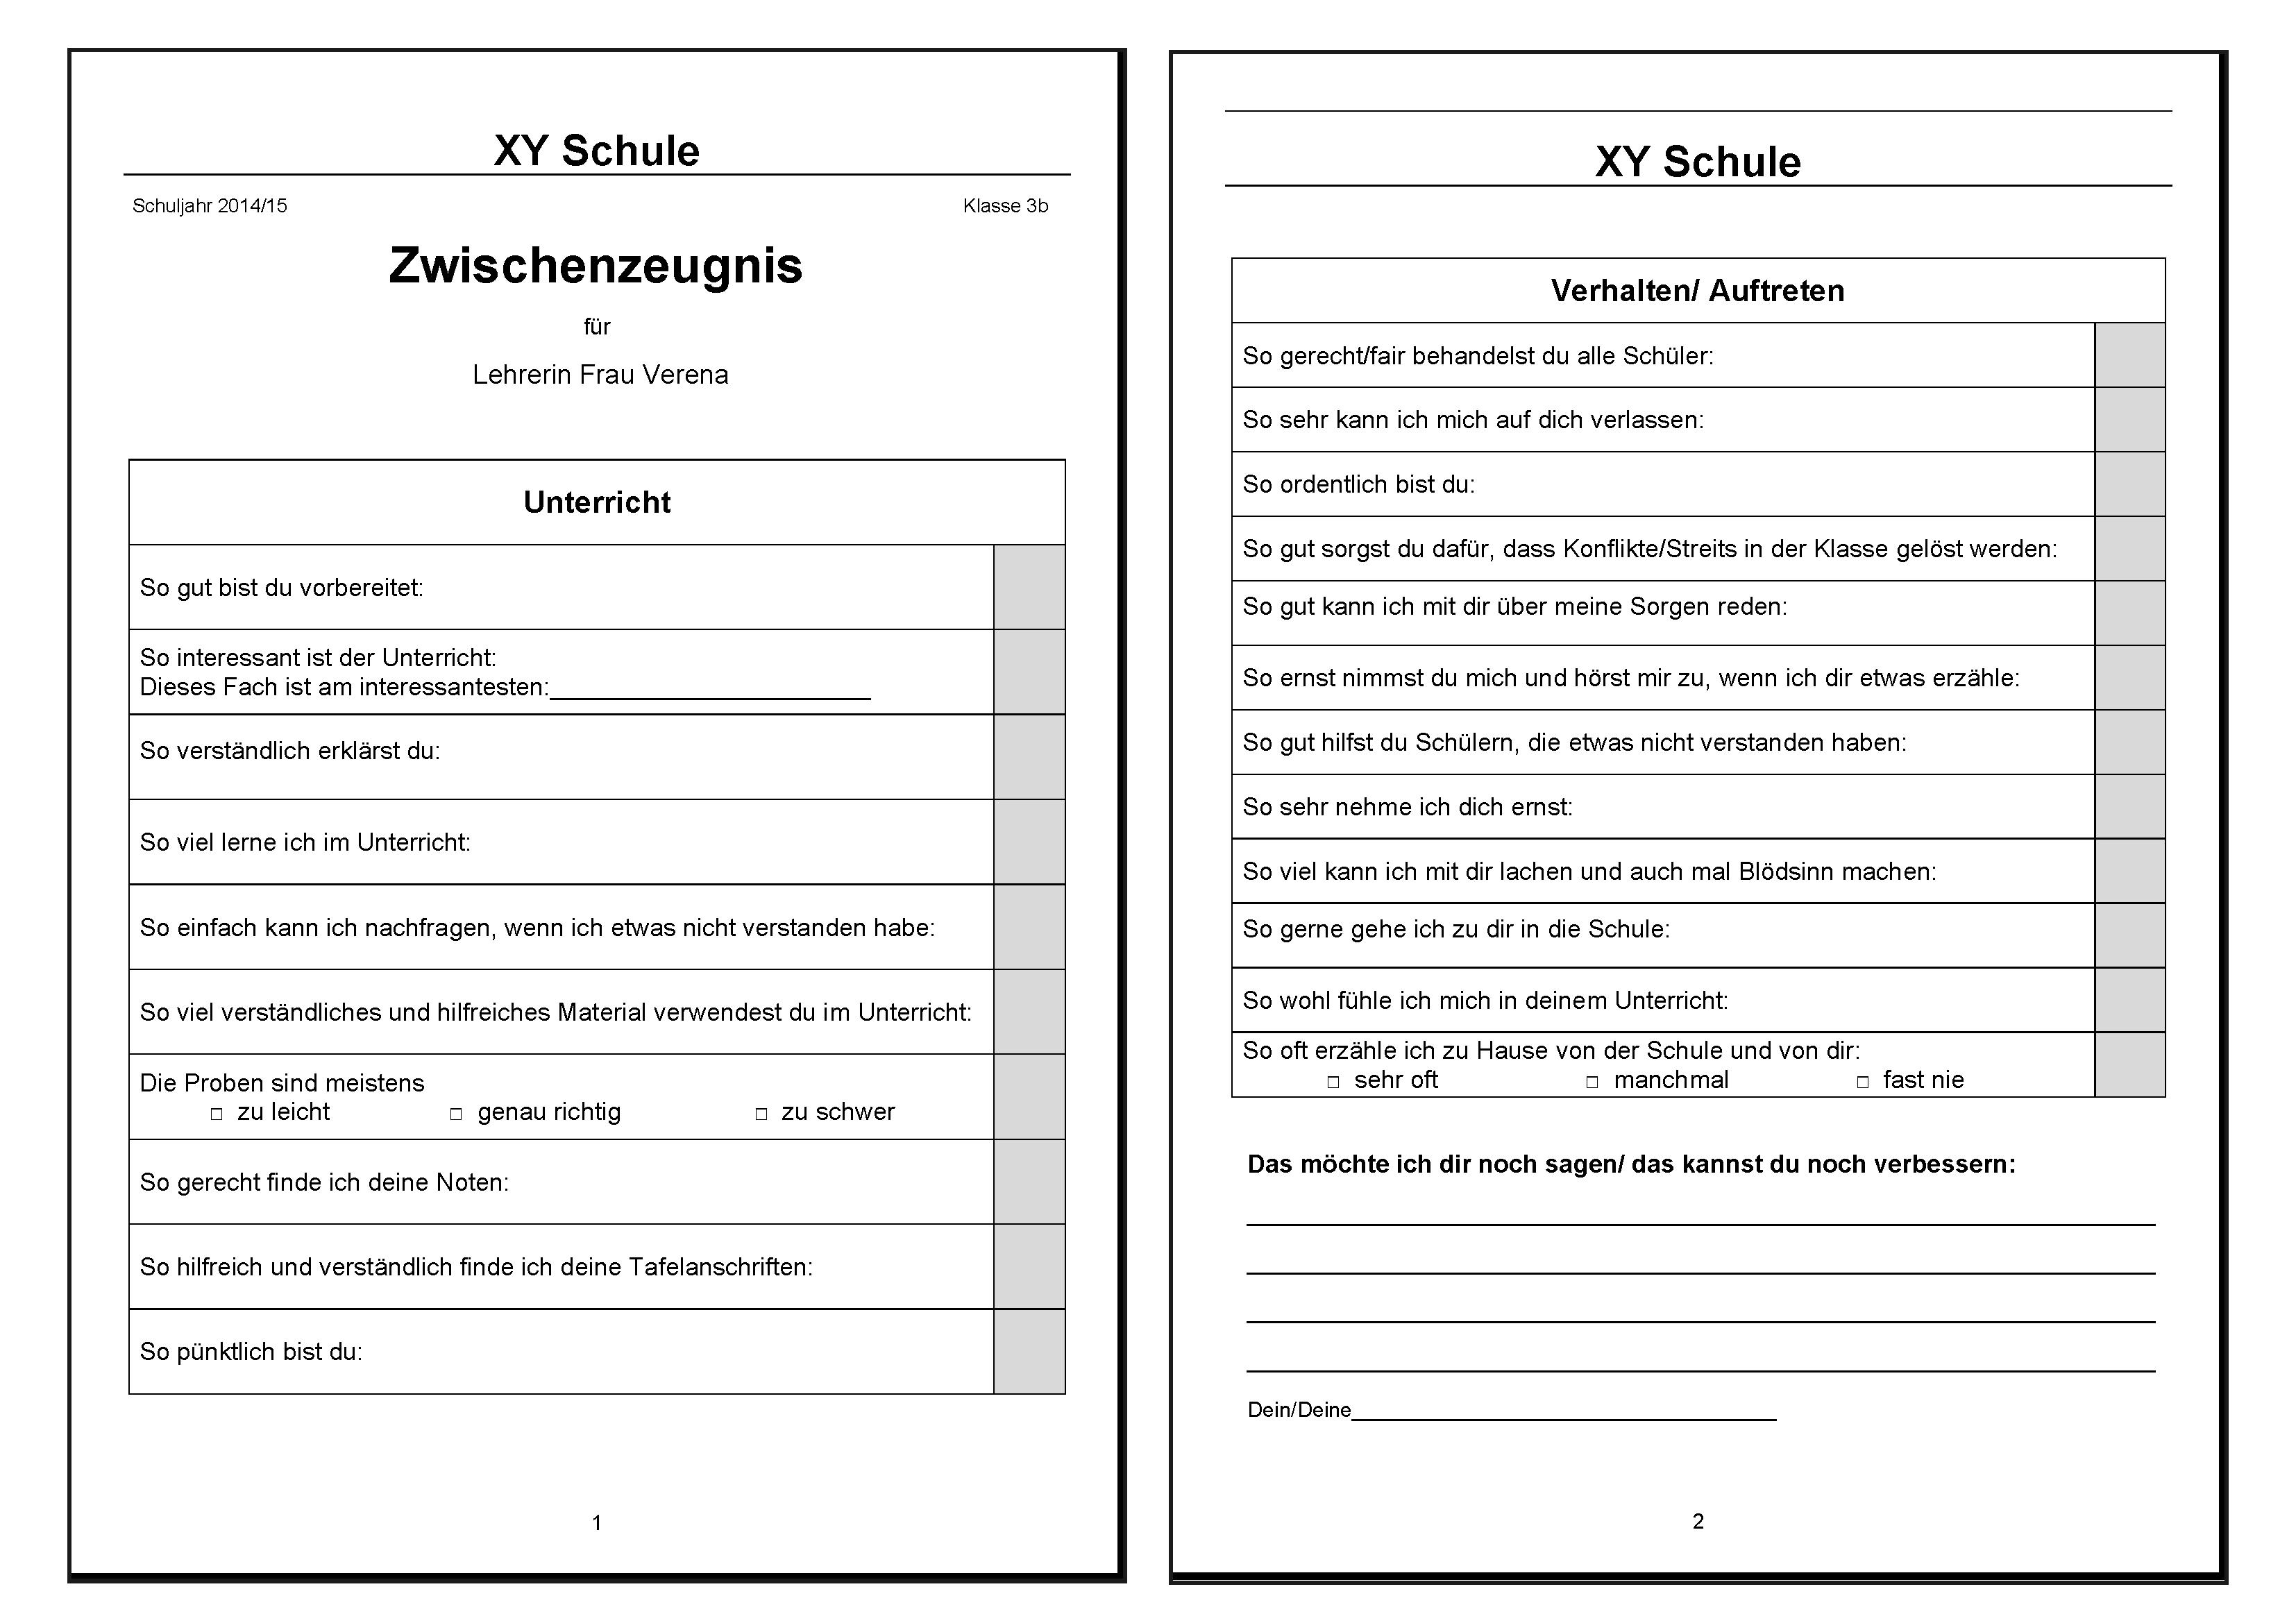 vorlage fr ein zeugnis mit dem die lehrkraft bewertet werden kann - Arbeitszeugnis Schreiben Muster